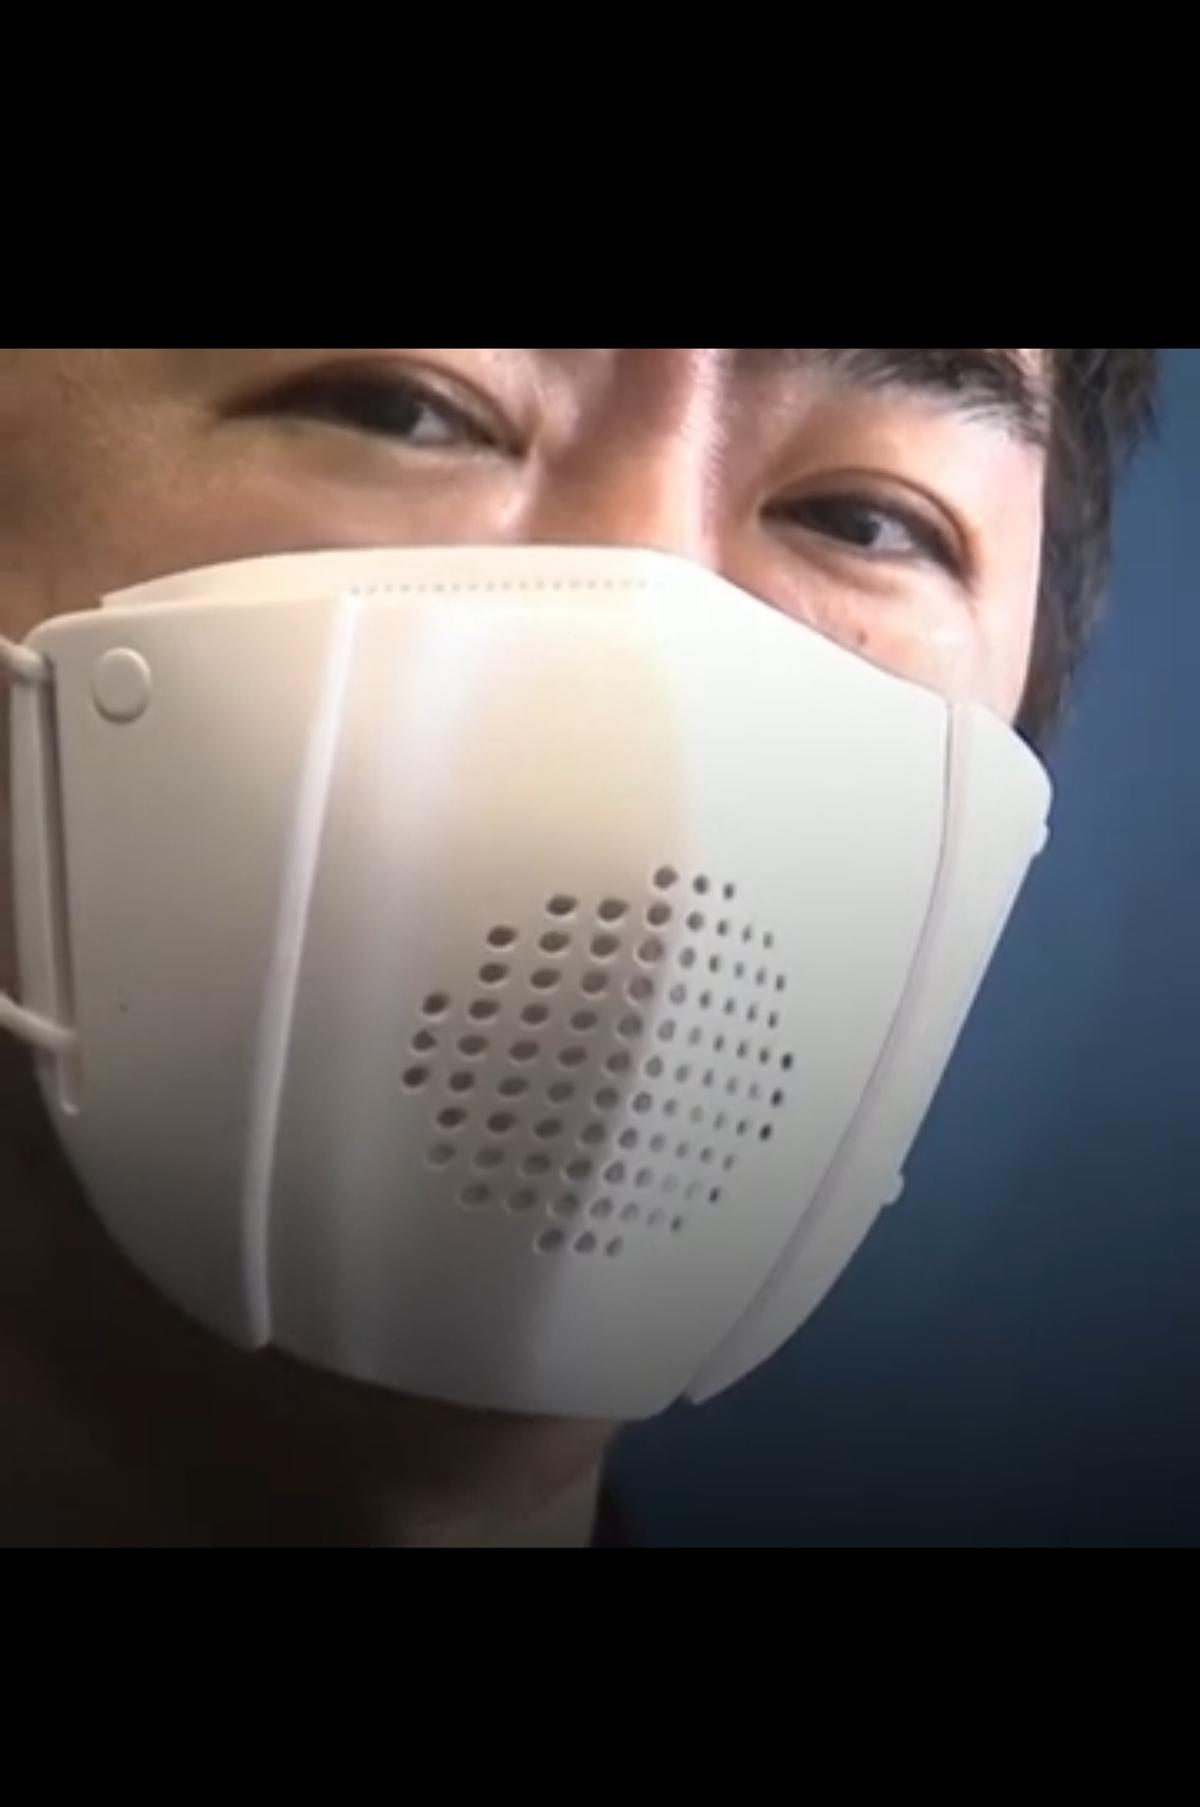 ساخت ماسک جدیدکه می تواند به تلفن همراه متصل شود + ویدئو